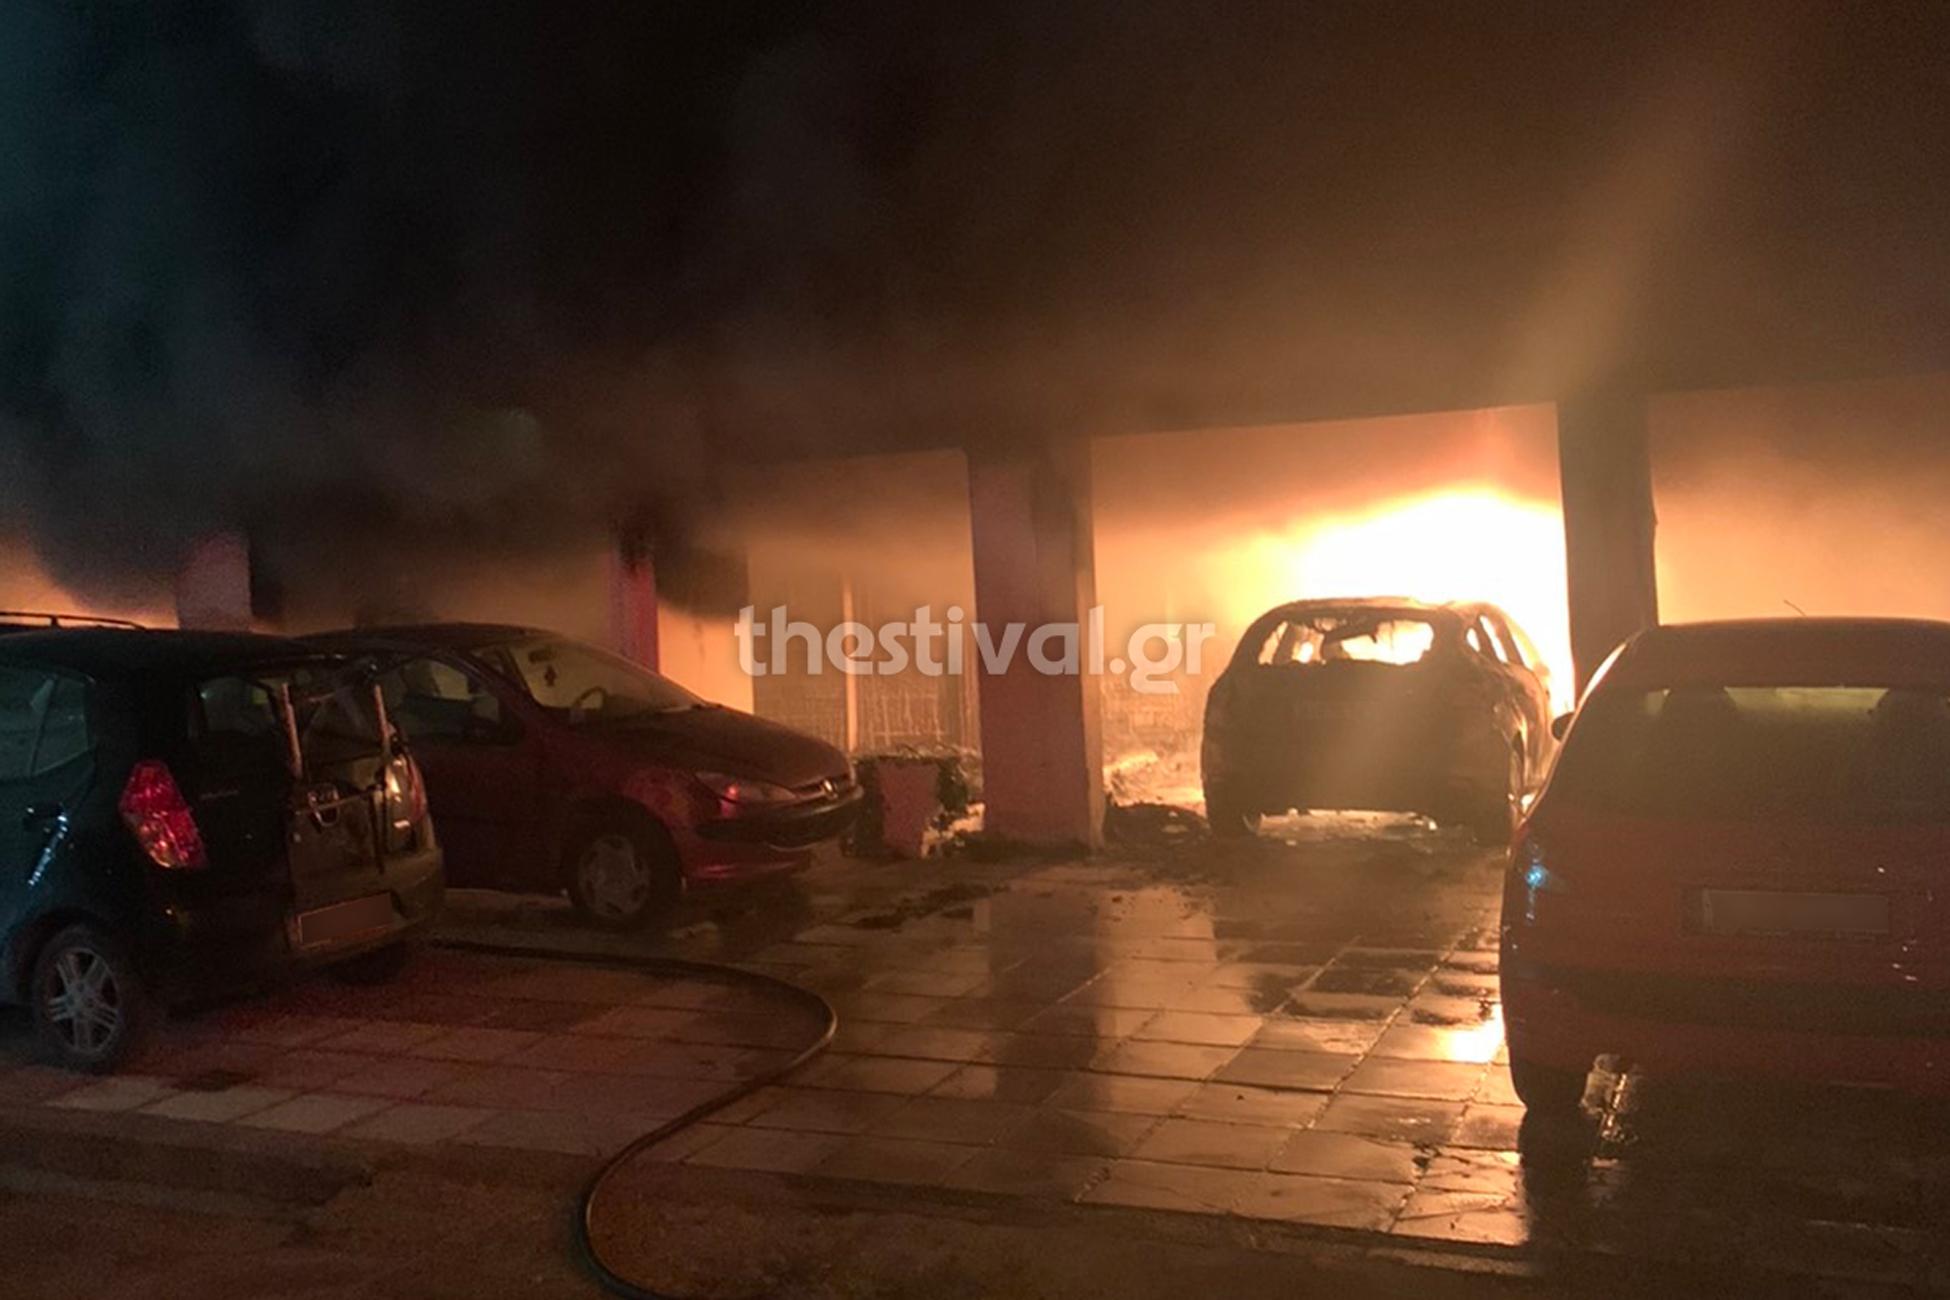 Θεσσαλονικη: Πύρινη κόλαση από εμπρησμό σε πολυκατοικία – Κάηκαν 12 οχήματα, κινδύνευσαν ζωές (pics, video)